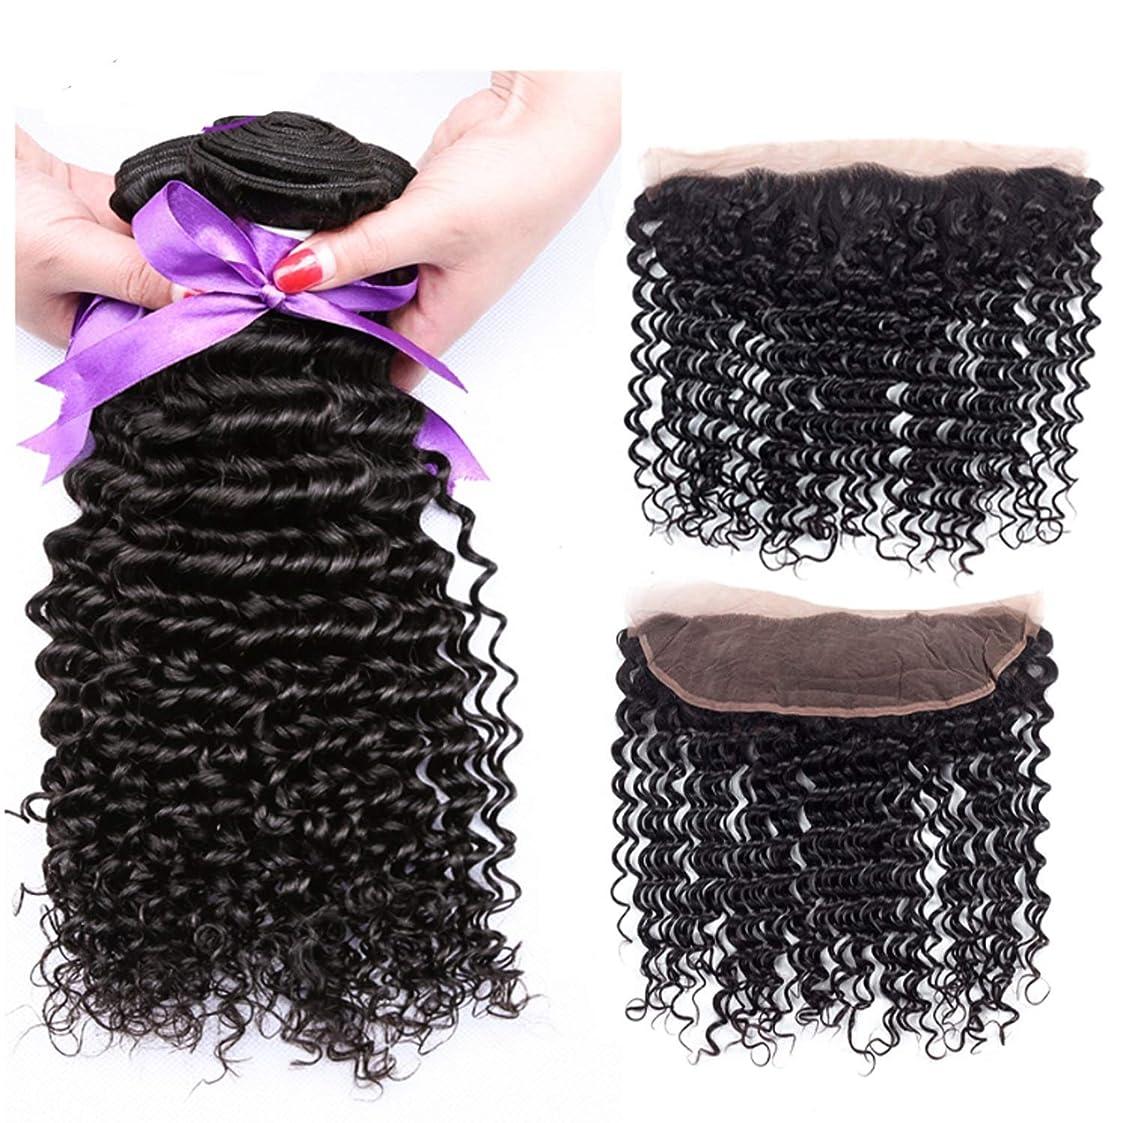 抜本的な質量セットアップブラジルのディープウェーブ3バンドルで13 * 4レース前頭閉鎖髪織りバンドル非レミー人間の髪の毛の拡張子 (Length : 10 12 14 Cl10)